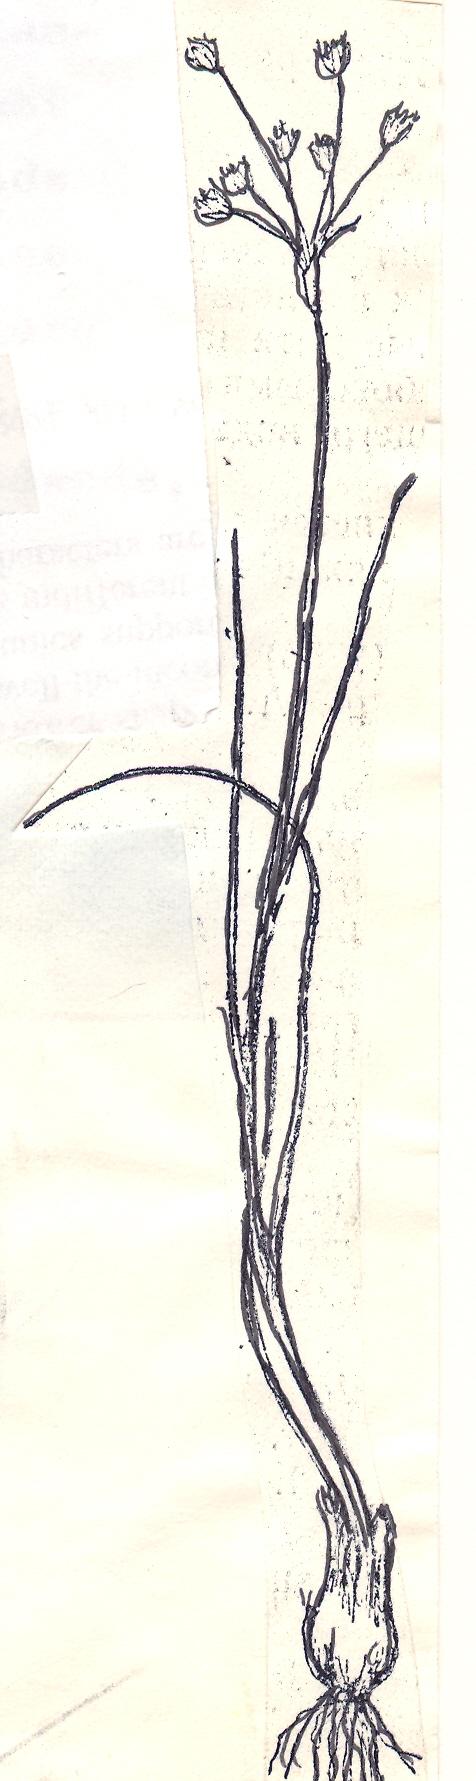 Allium%20margaritae.jpg